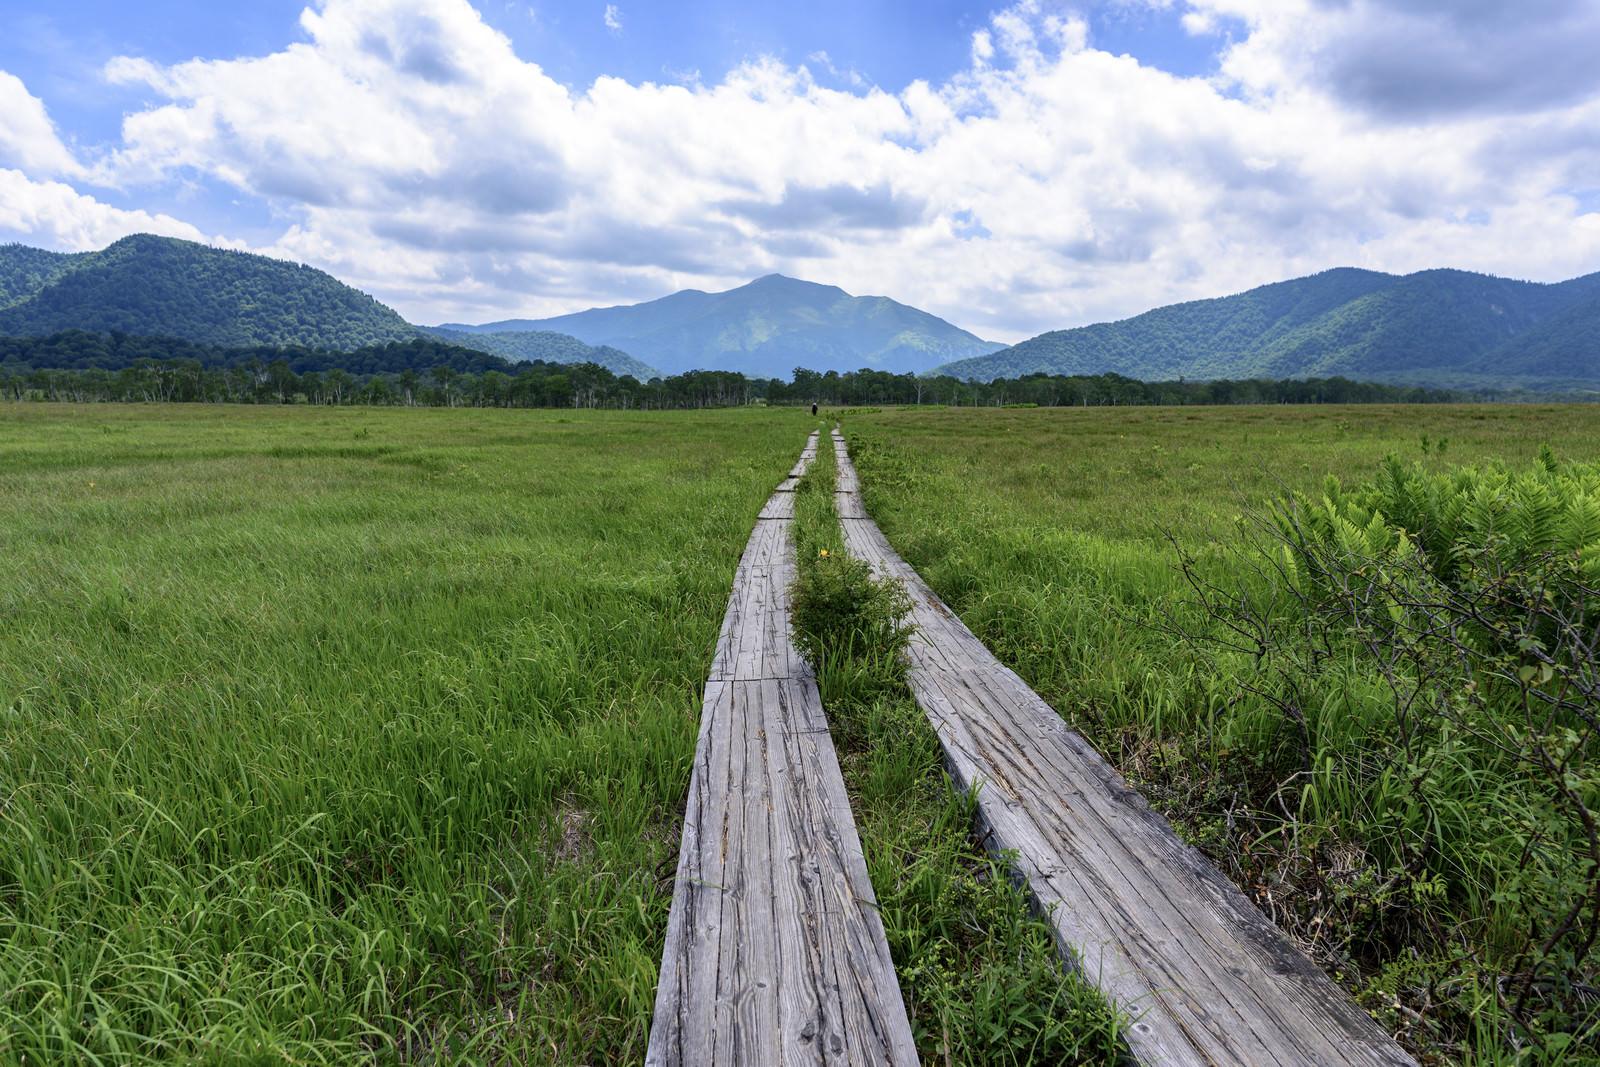 「まっすぐ伸びる尾瀬の木道と至仏山(しぶつさん)」の写真